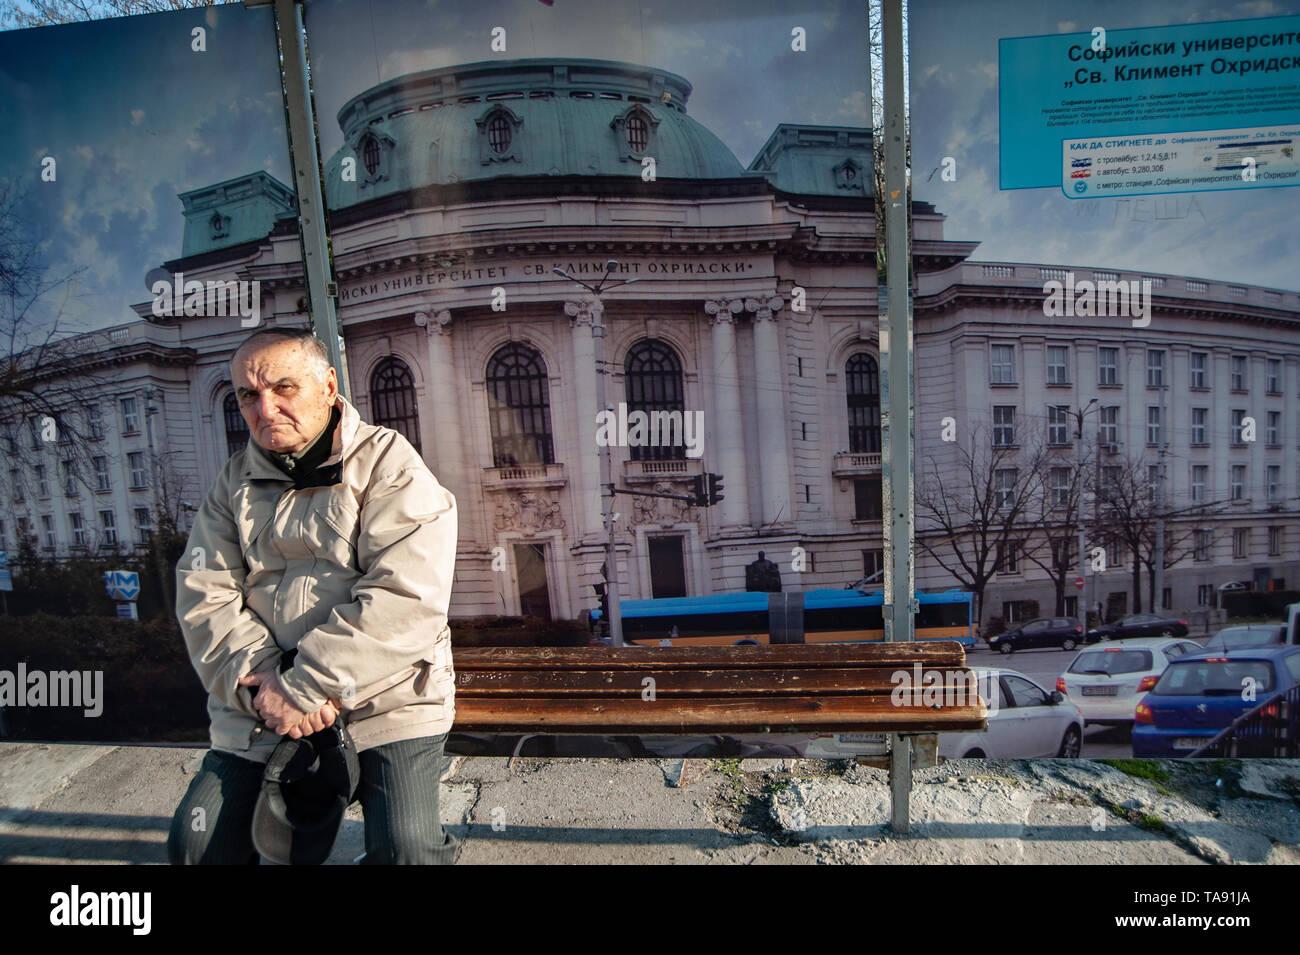 Ein bulgarischer Mann wartet an einer Bushaltestelle mit einem Bild von der Universität Sofia hinter ihm. Bulgarien mit einer alternden Bevölkerung ist der am schnellsten schrumpfenden Land Stockbild